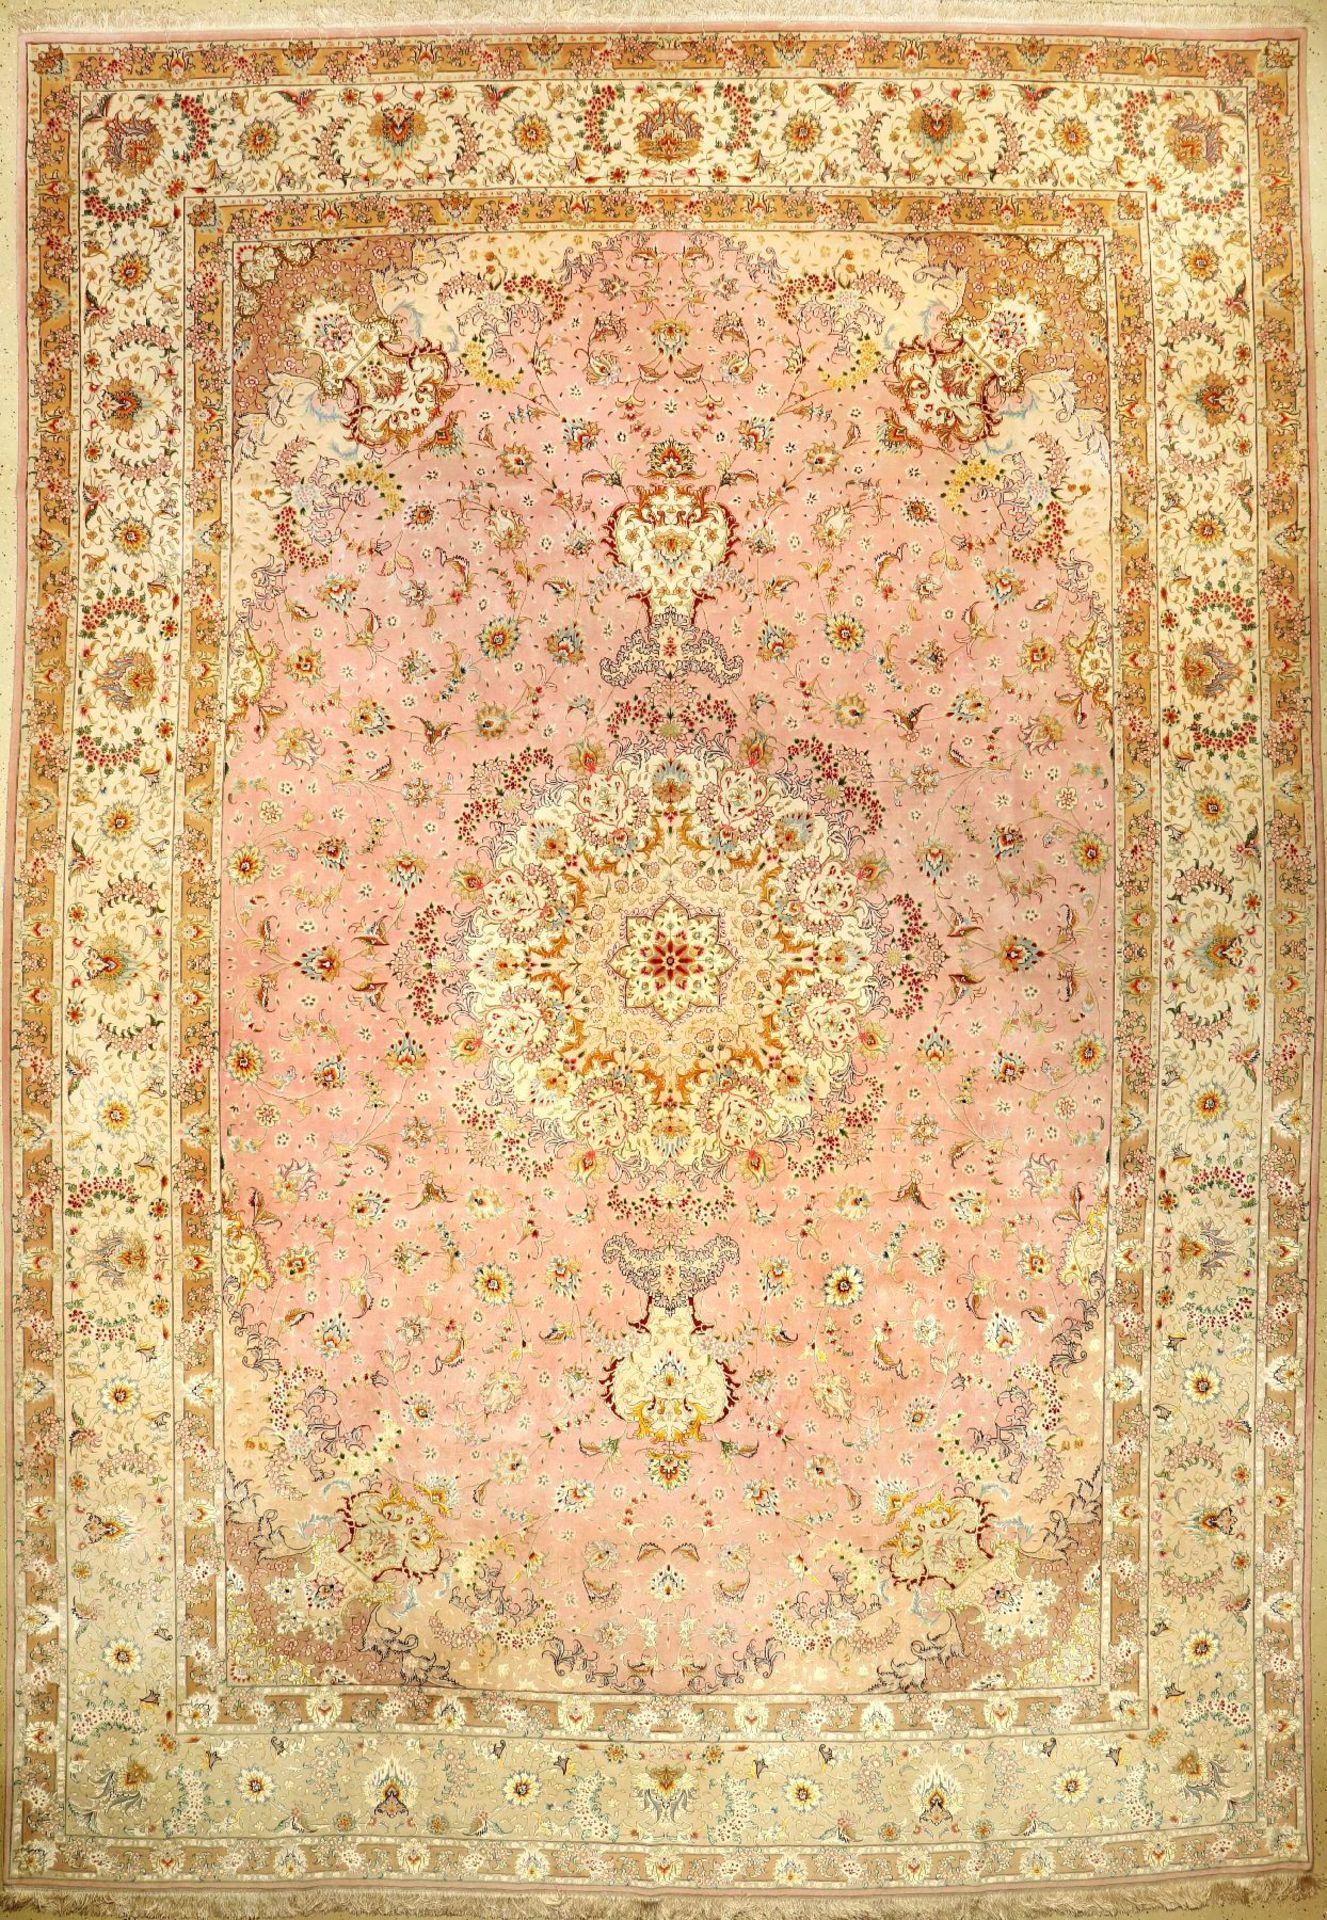 Feiner Täbriz Palastteppich (Part-Silk) Signiert (50 RAJ), Persien, um 1960/1970, Korkwolle mit viel